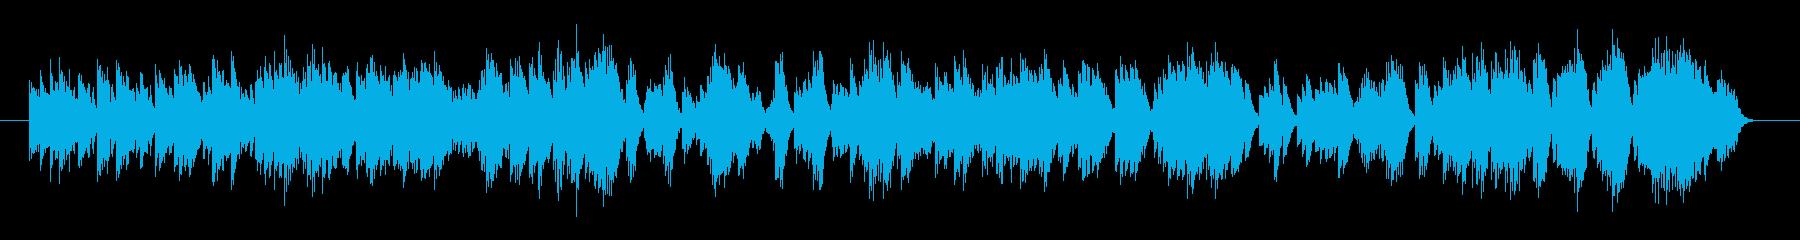 オルゴール系楽曲。若干マイナー色が強く…の再生済みの波形